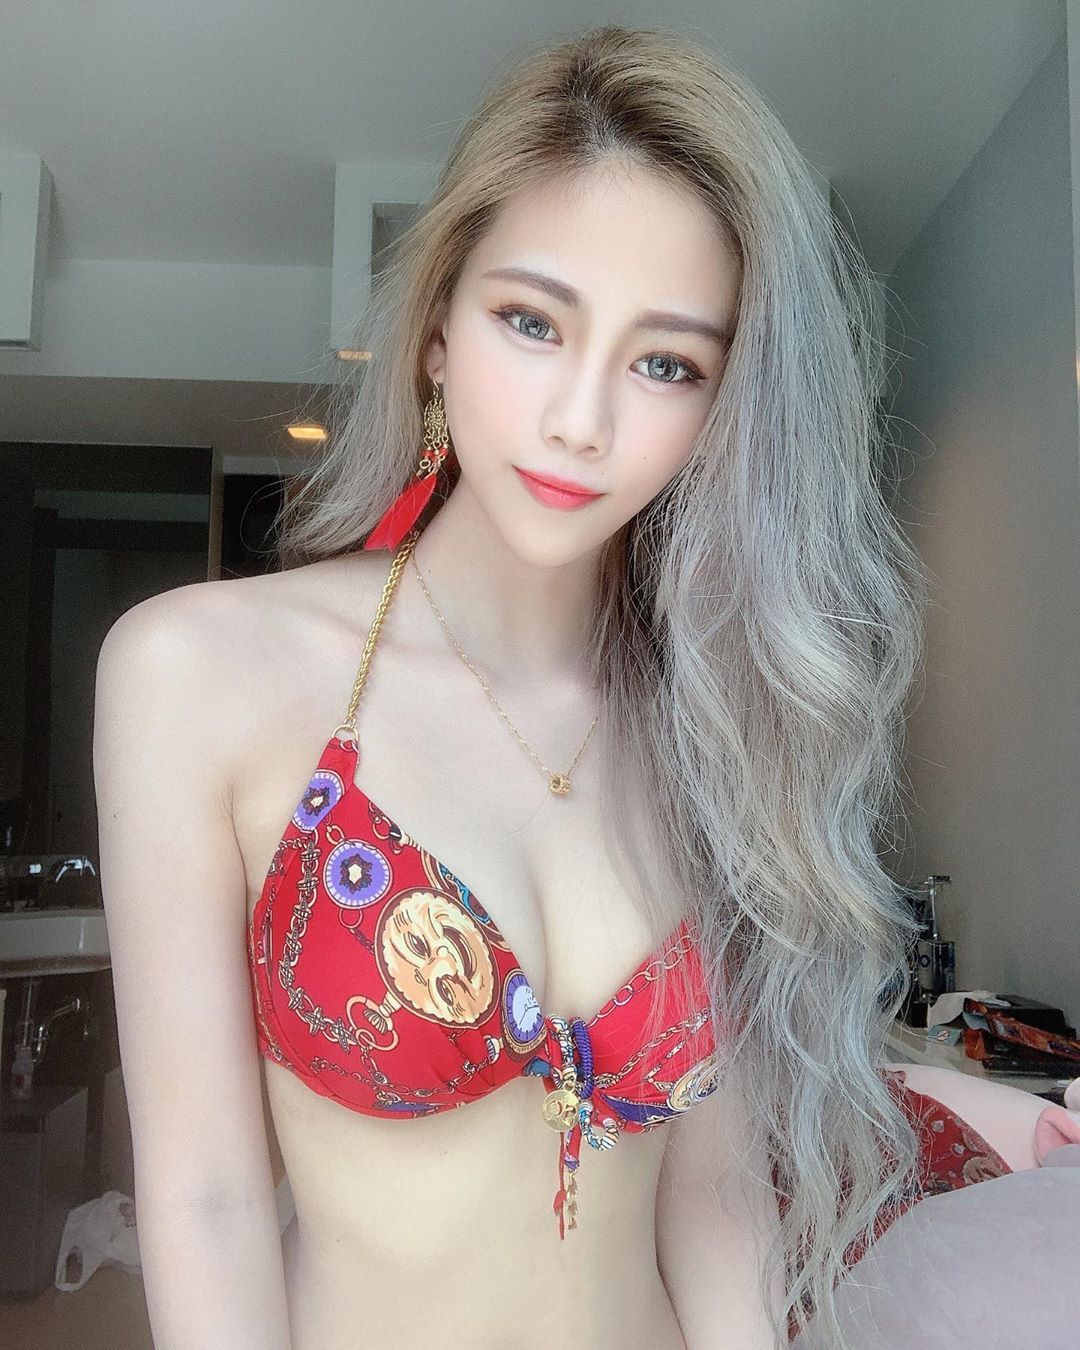 Jacelynna